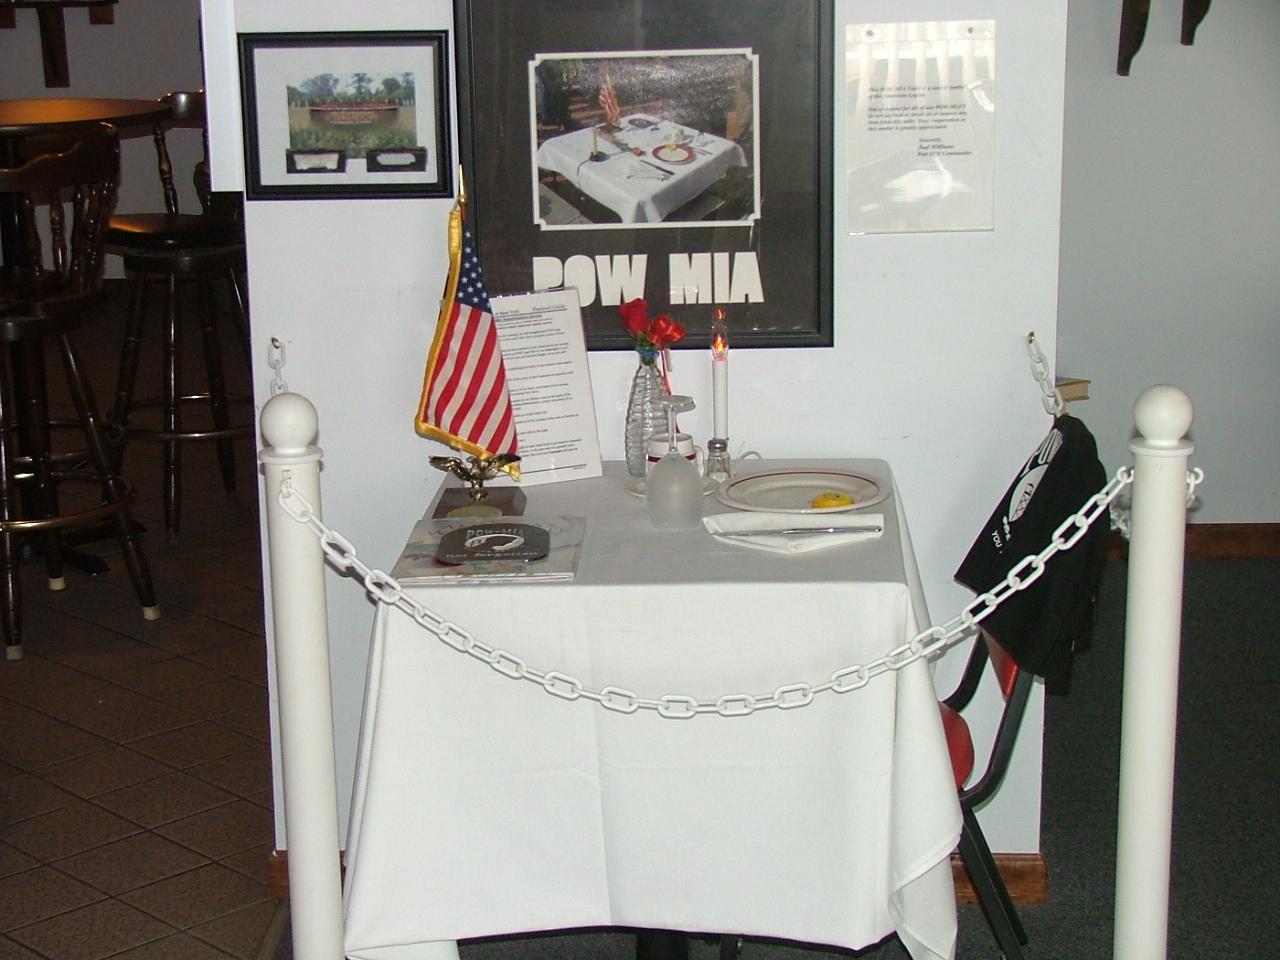 & Table setting for POW/MIA